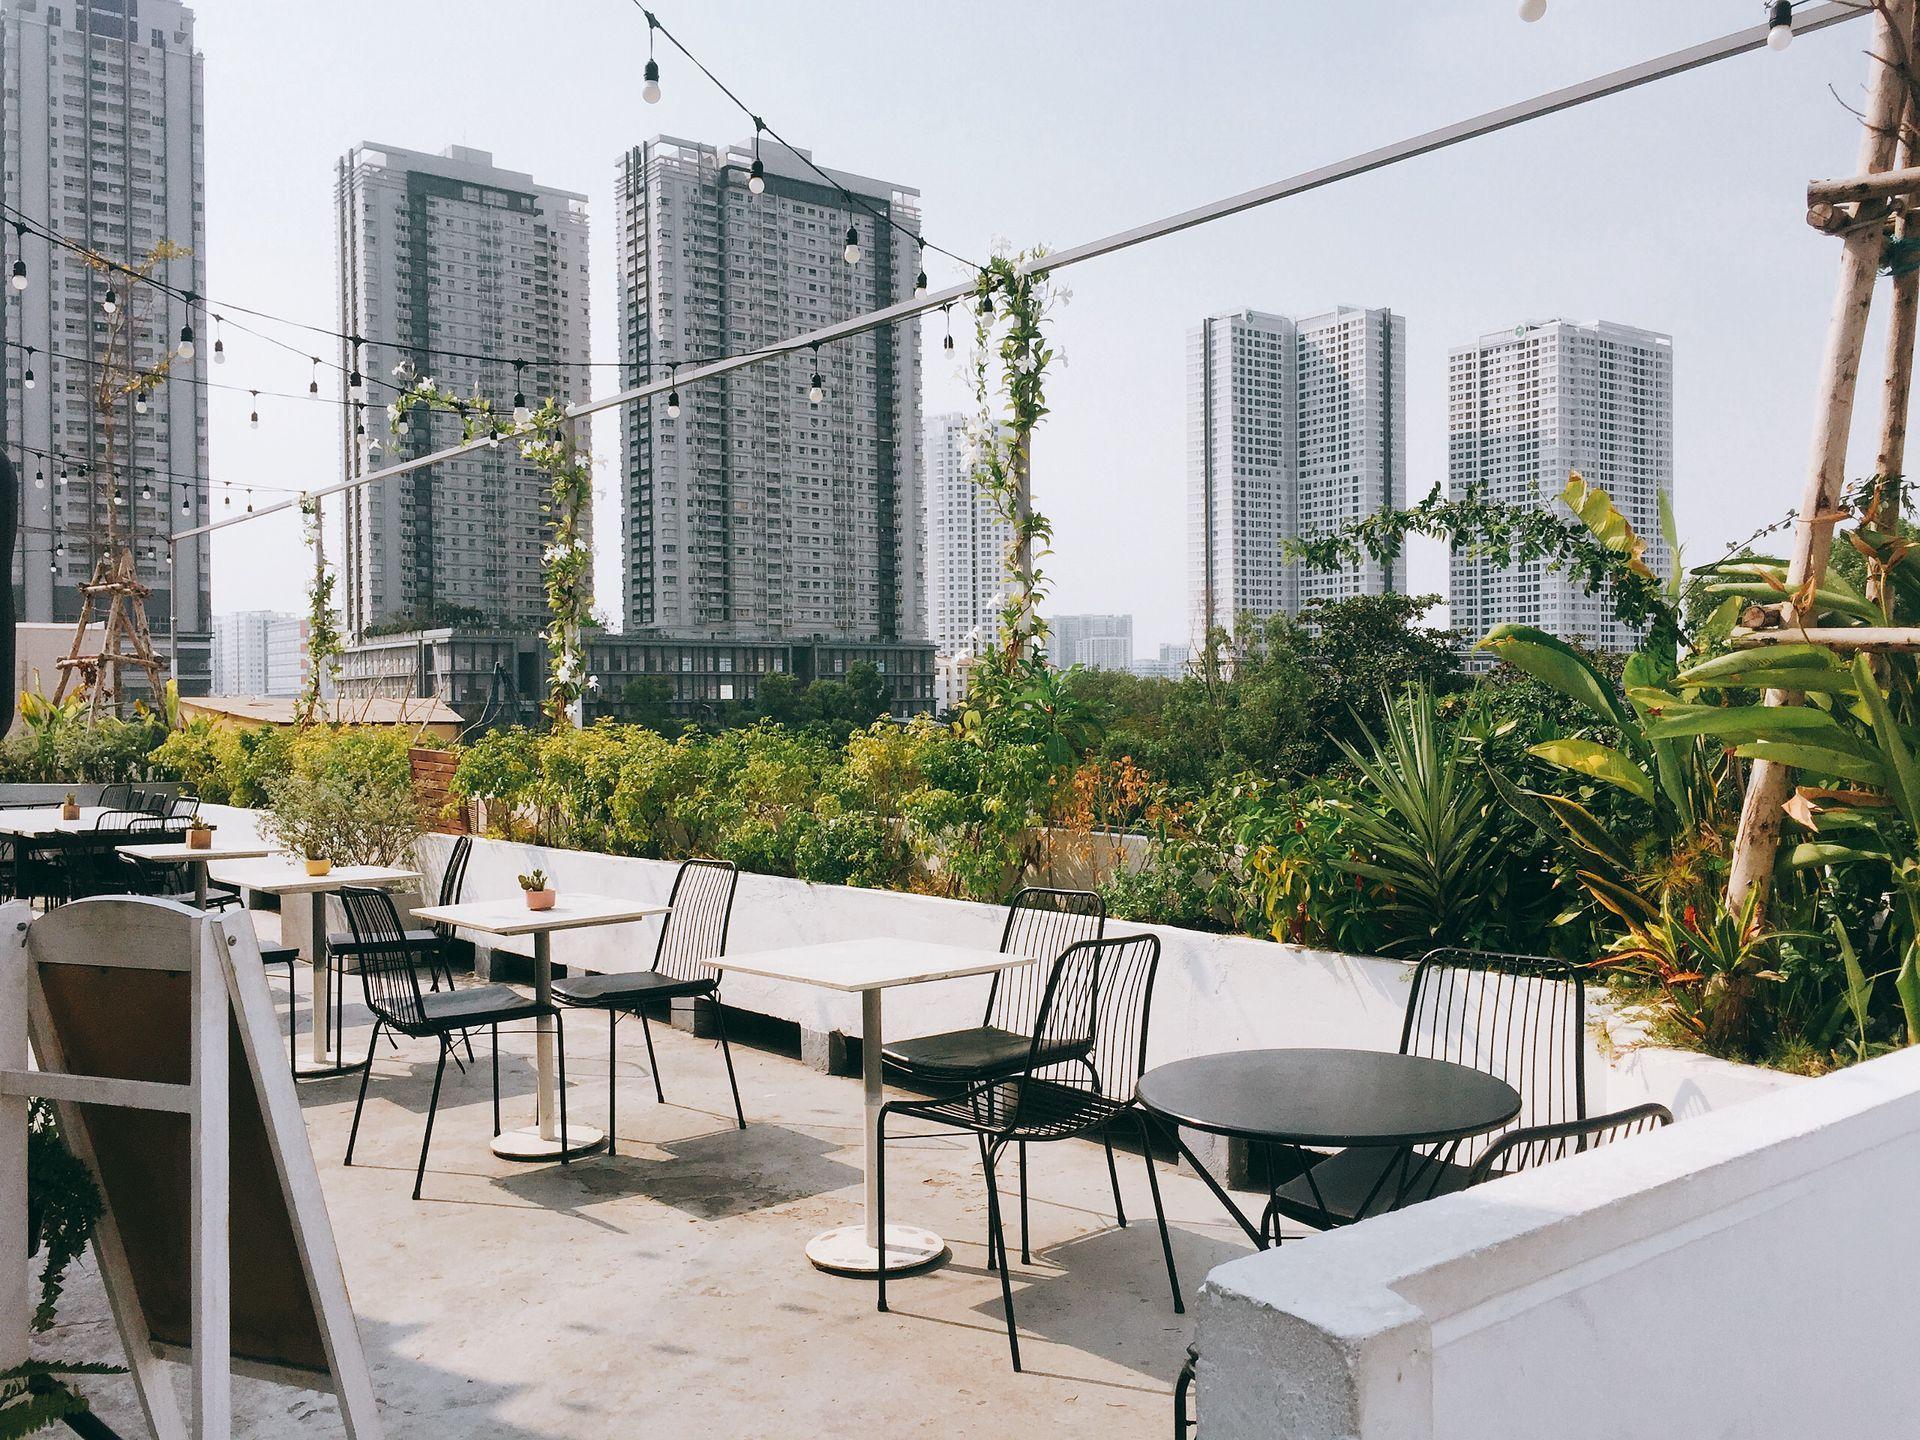 Khác một chút là Nắng ở đây toạ lạc trên sân thượng của một toà nhà 3 tầng nên chúng ta có thể ngắm cảnh rất tuyệt đó nha chứ không phải chỉ ngắm cây ngắm muông thú như trong TXĐTGM đâu